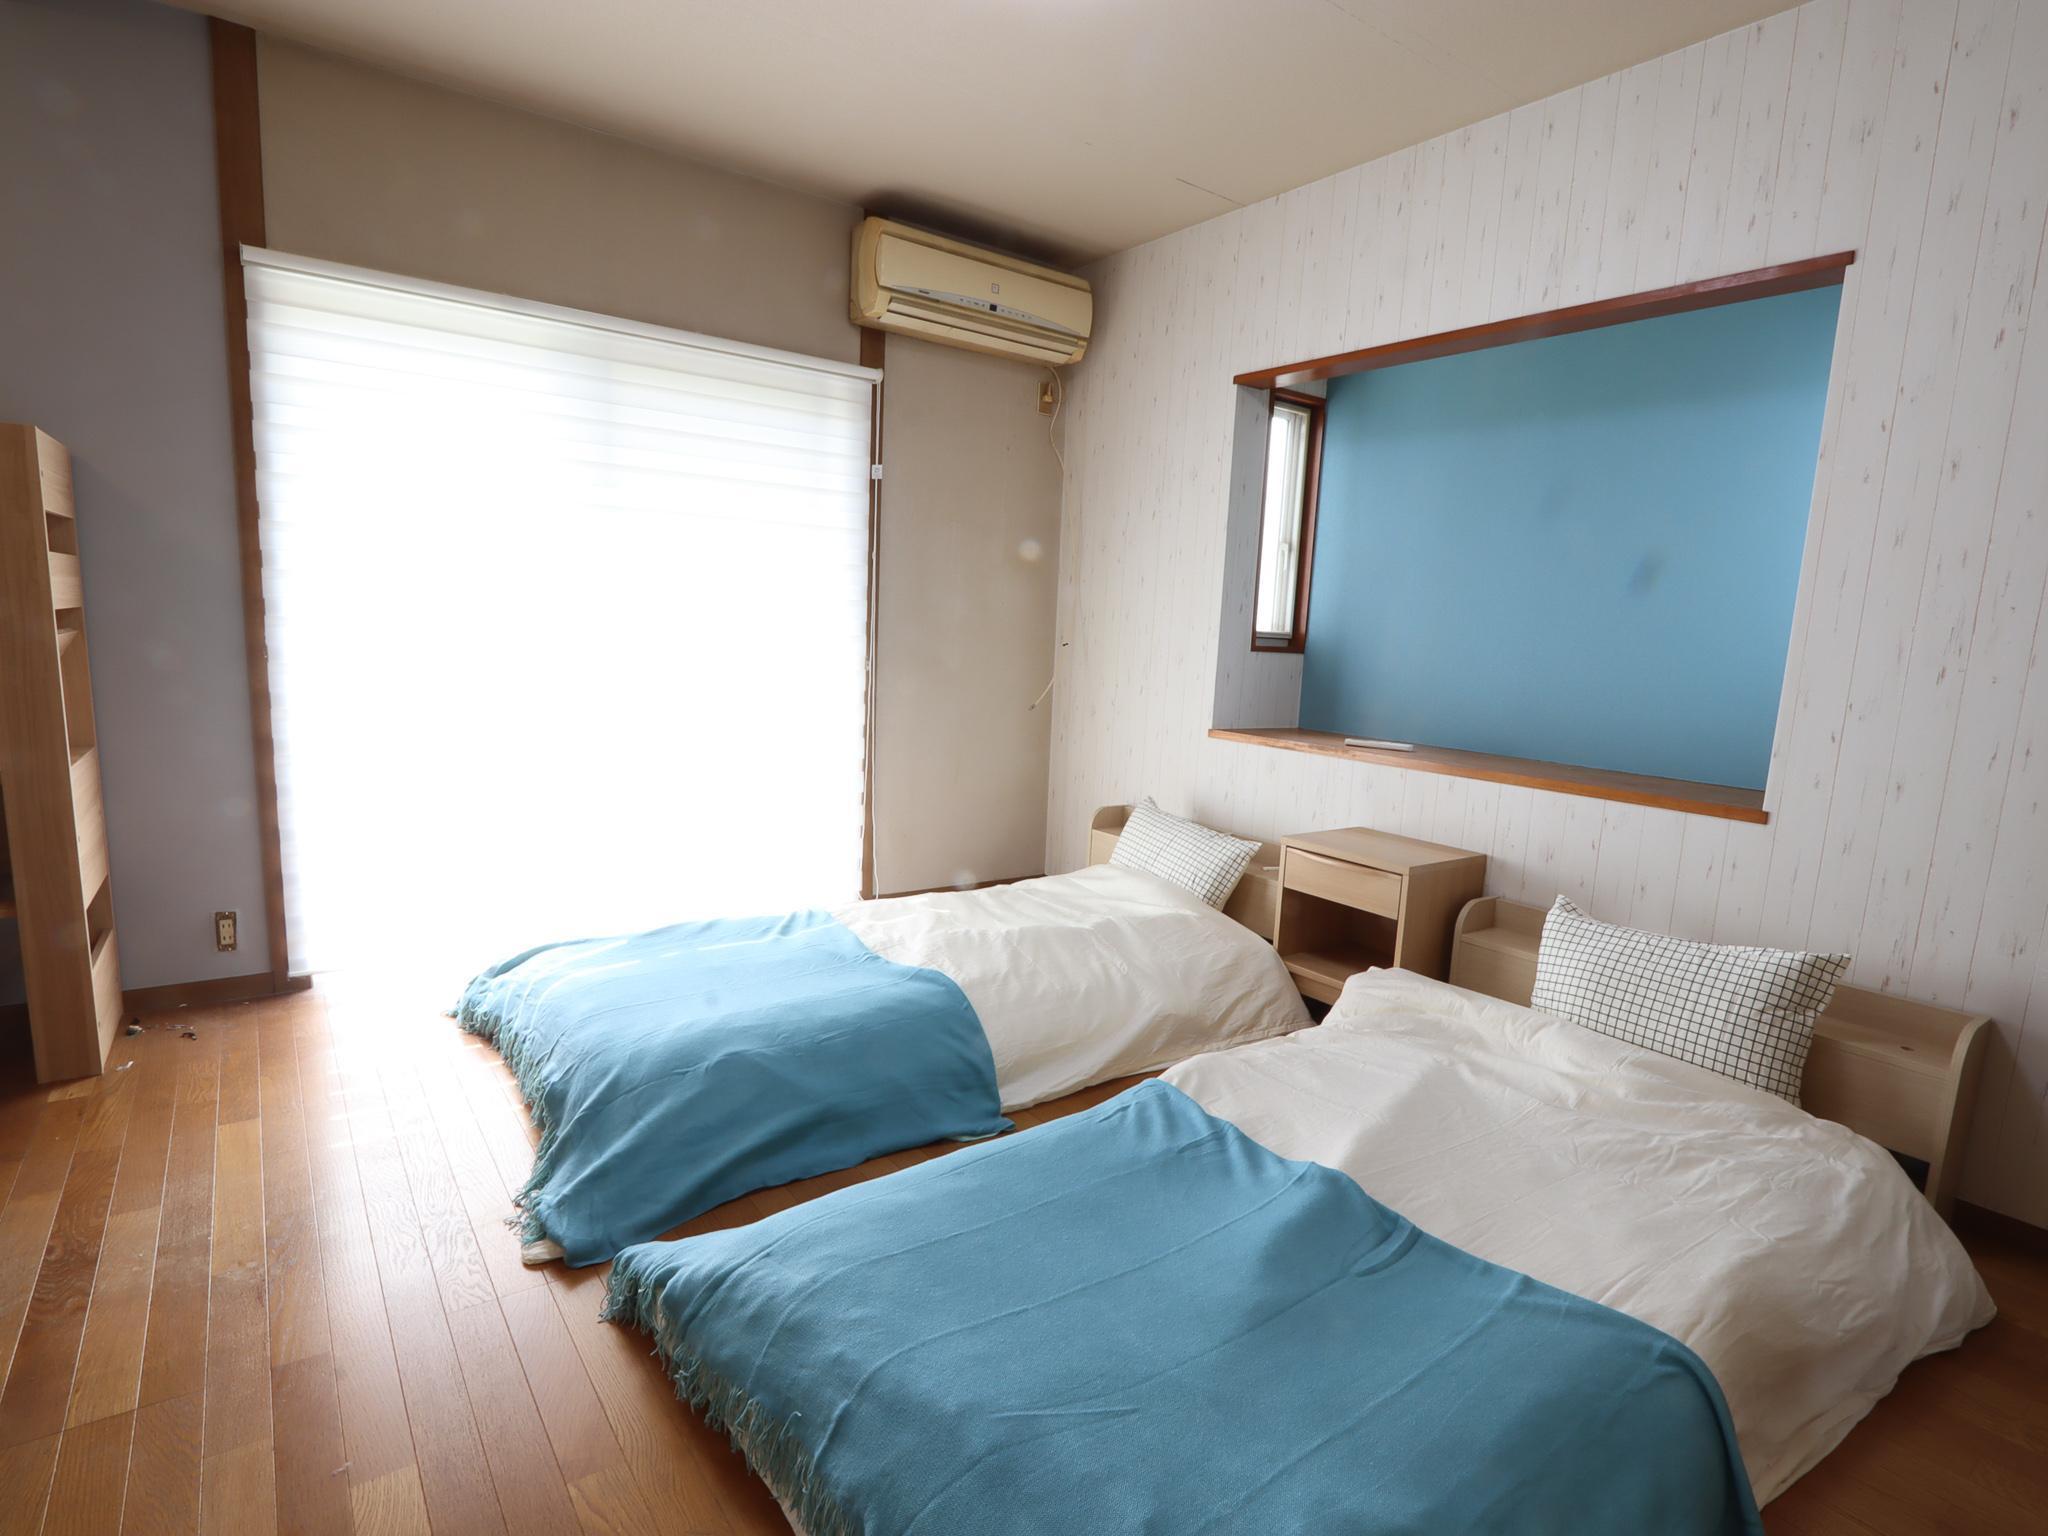 Private House In Kamakura & Chigasaki